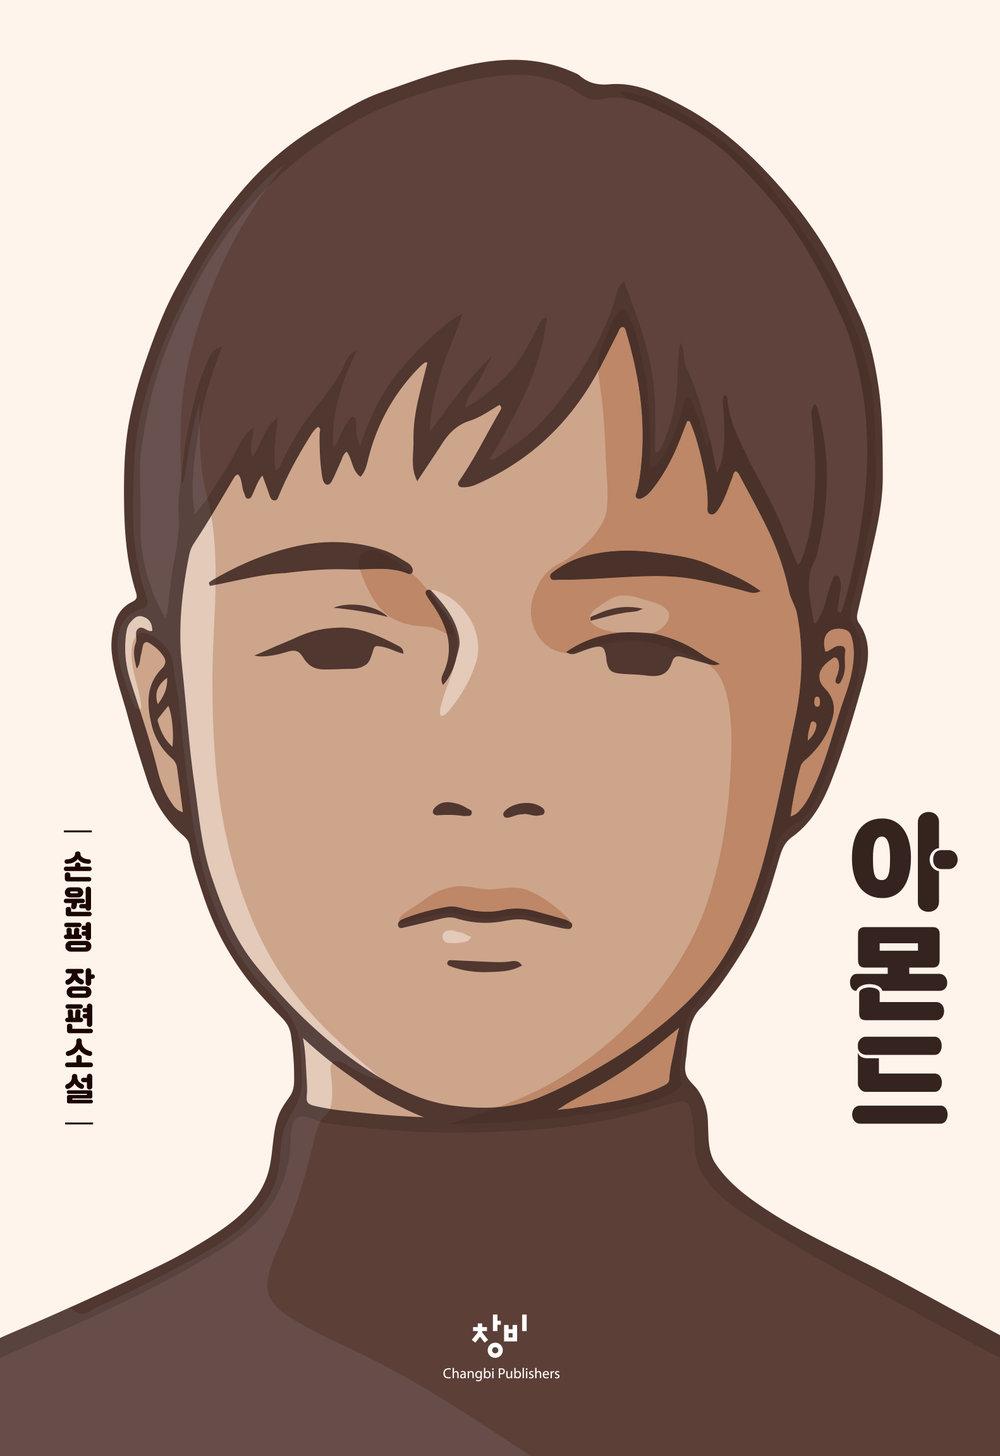 Almond_Korean Cover_KL.jpg